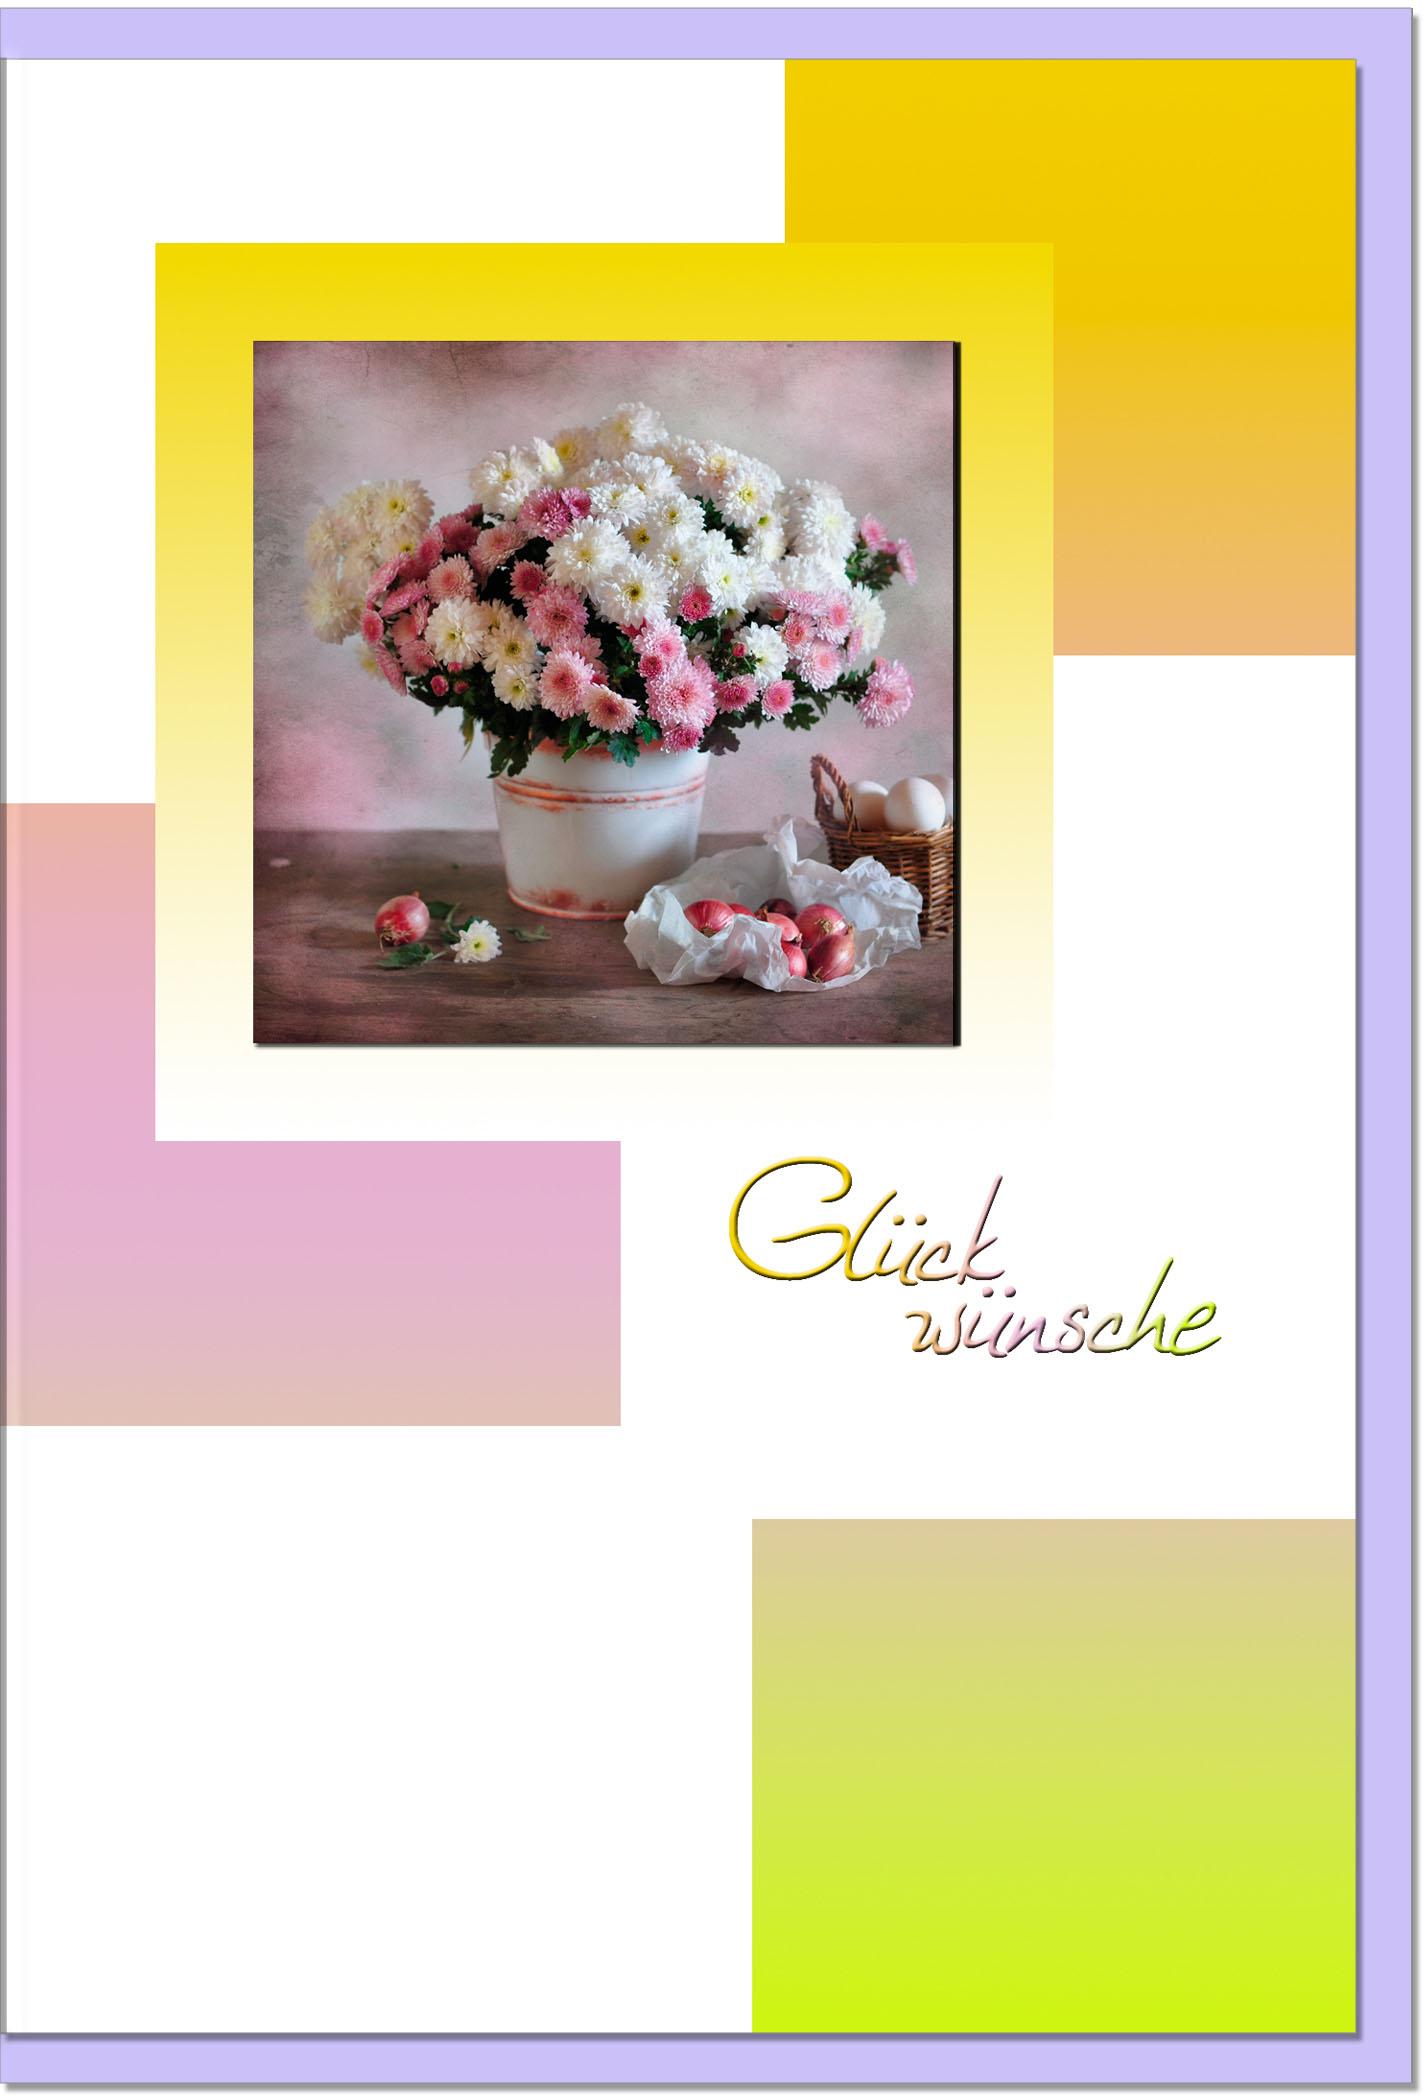 Glückwunschkarten / Grußkarten /Glückwunsch Stllleben